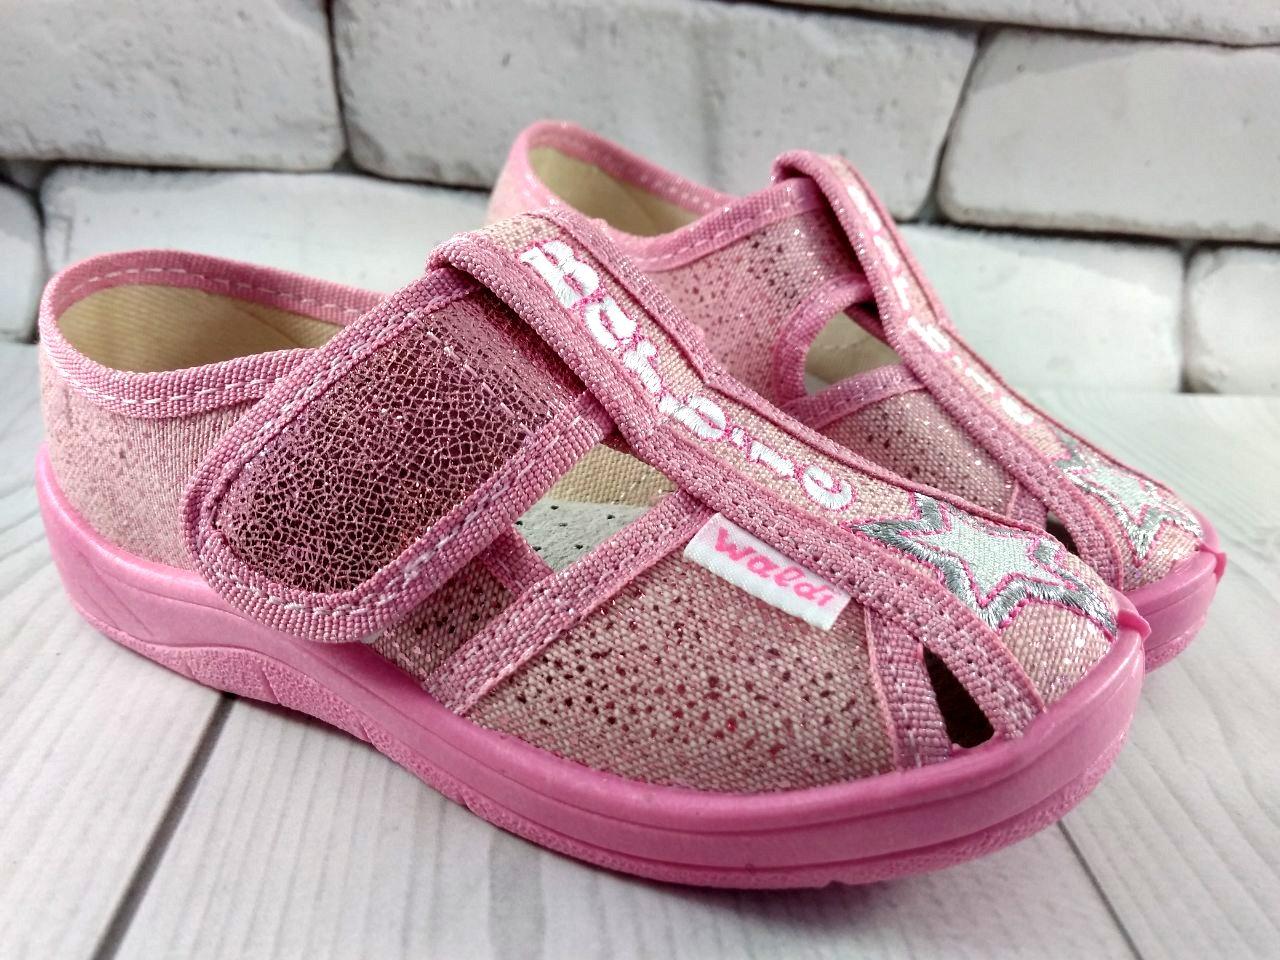 ddfac3344a7c83 Сімейна Знахідка - інтернет магазин дитячого взуття